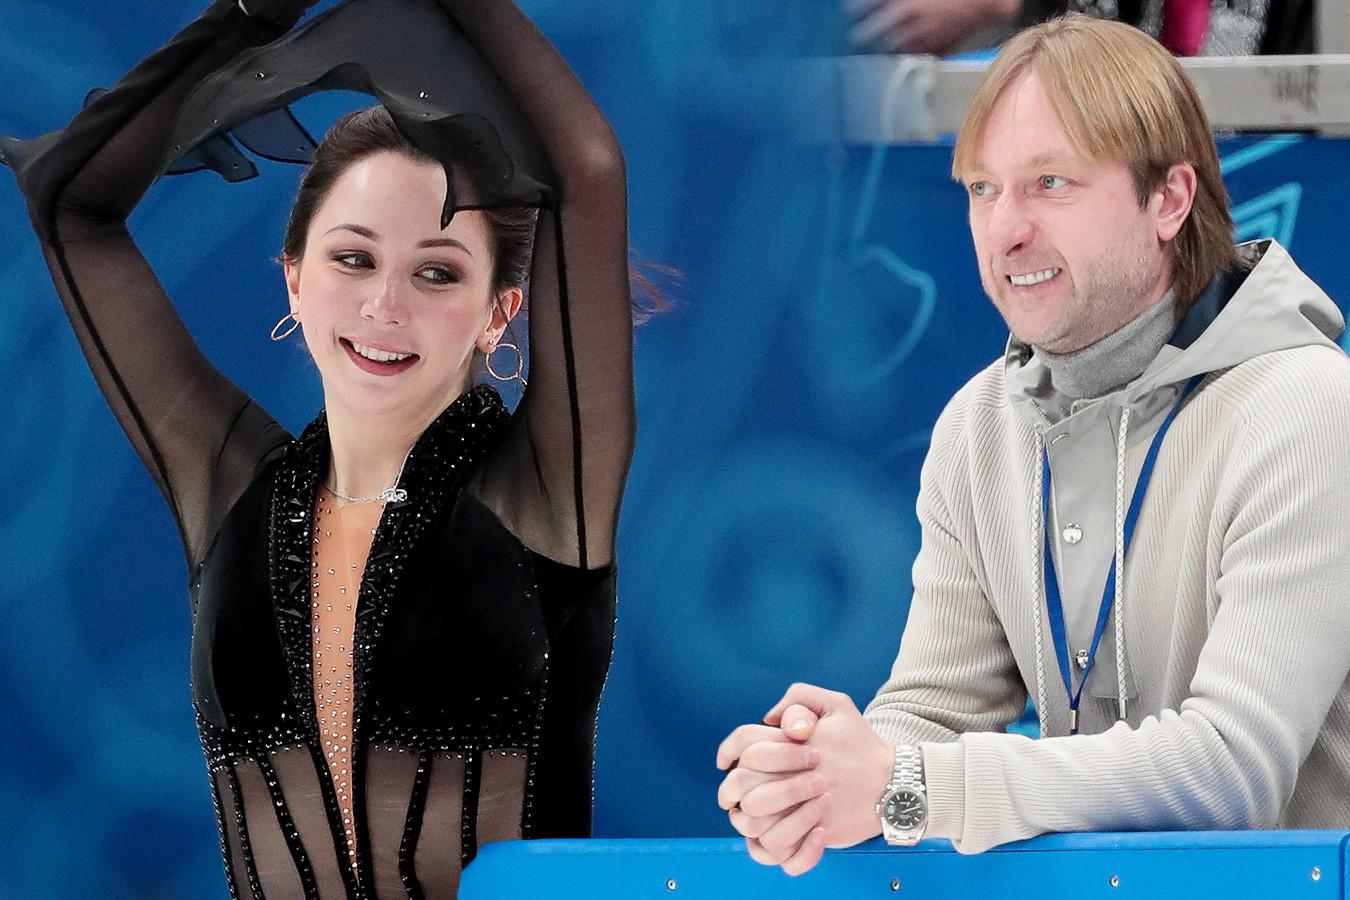 Плющенко аплодировал Косторной, Туктамышева заигрывала с публикой, Тутберидзе сияла. Фото